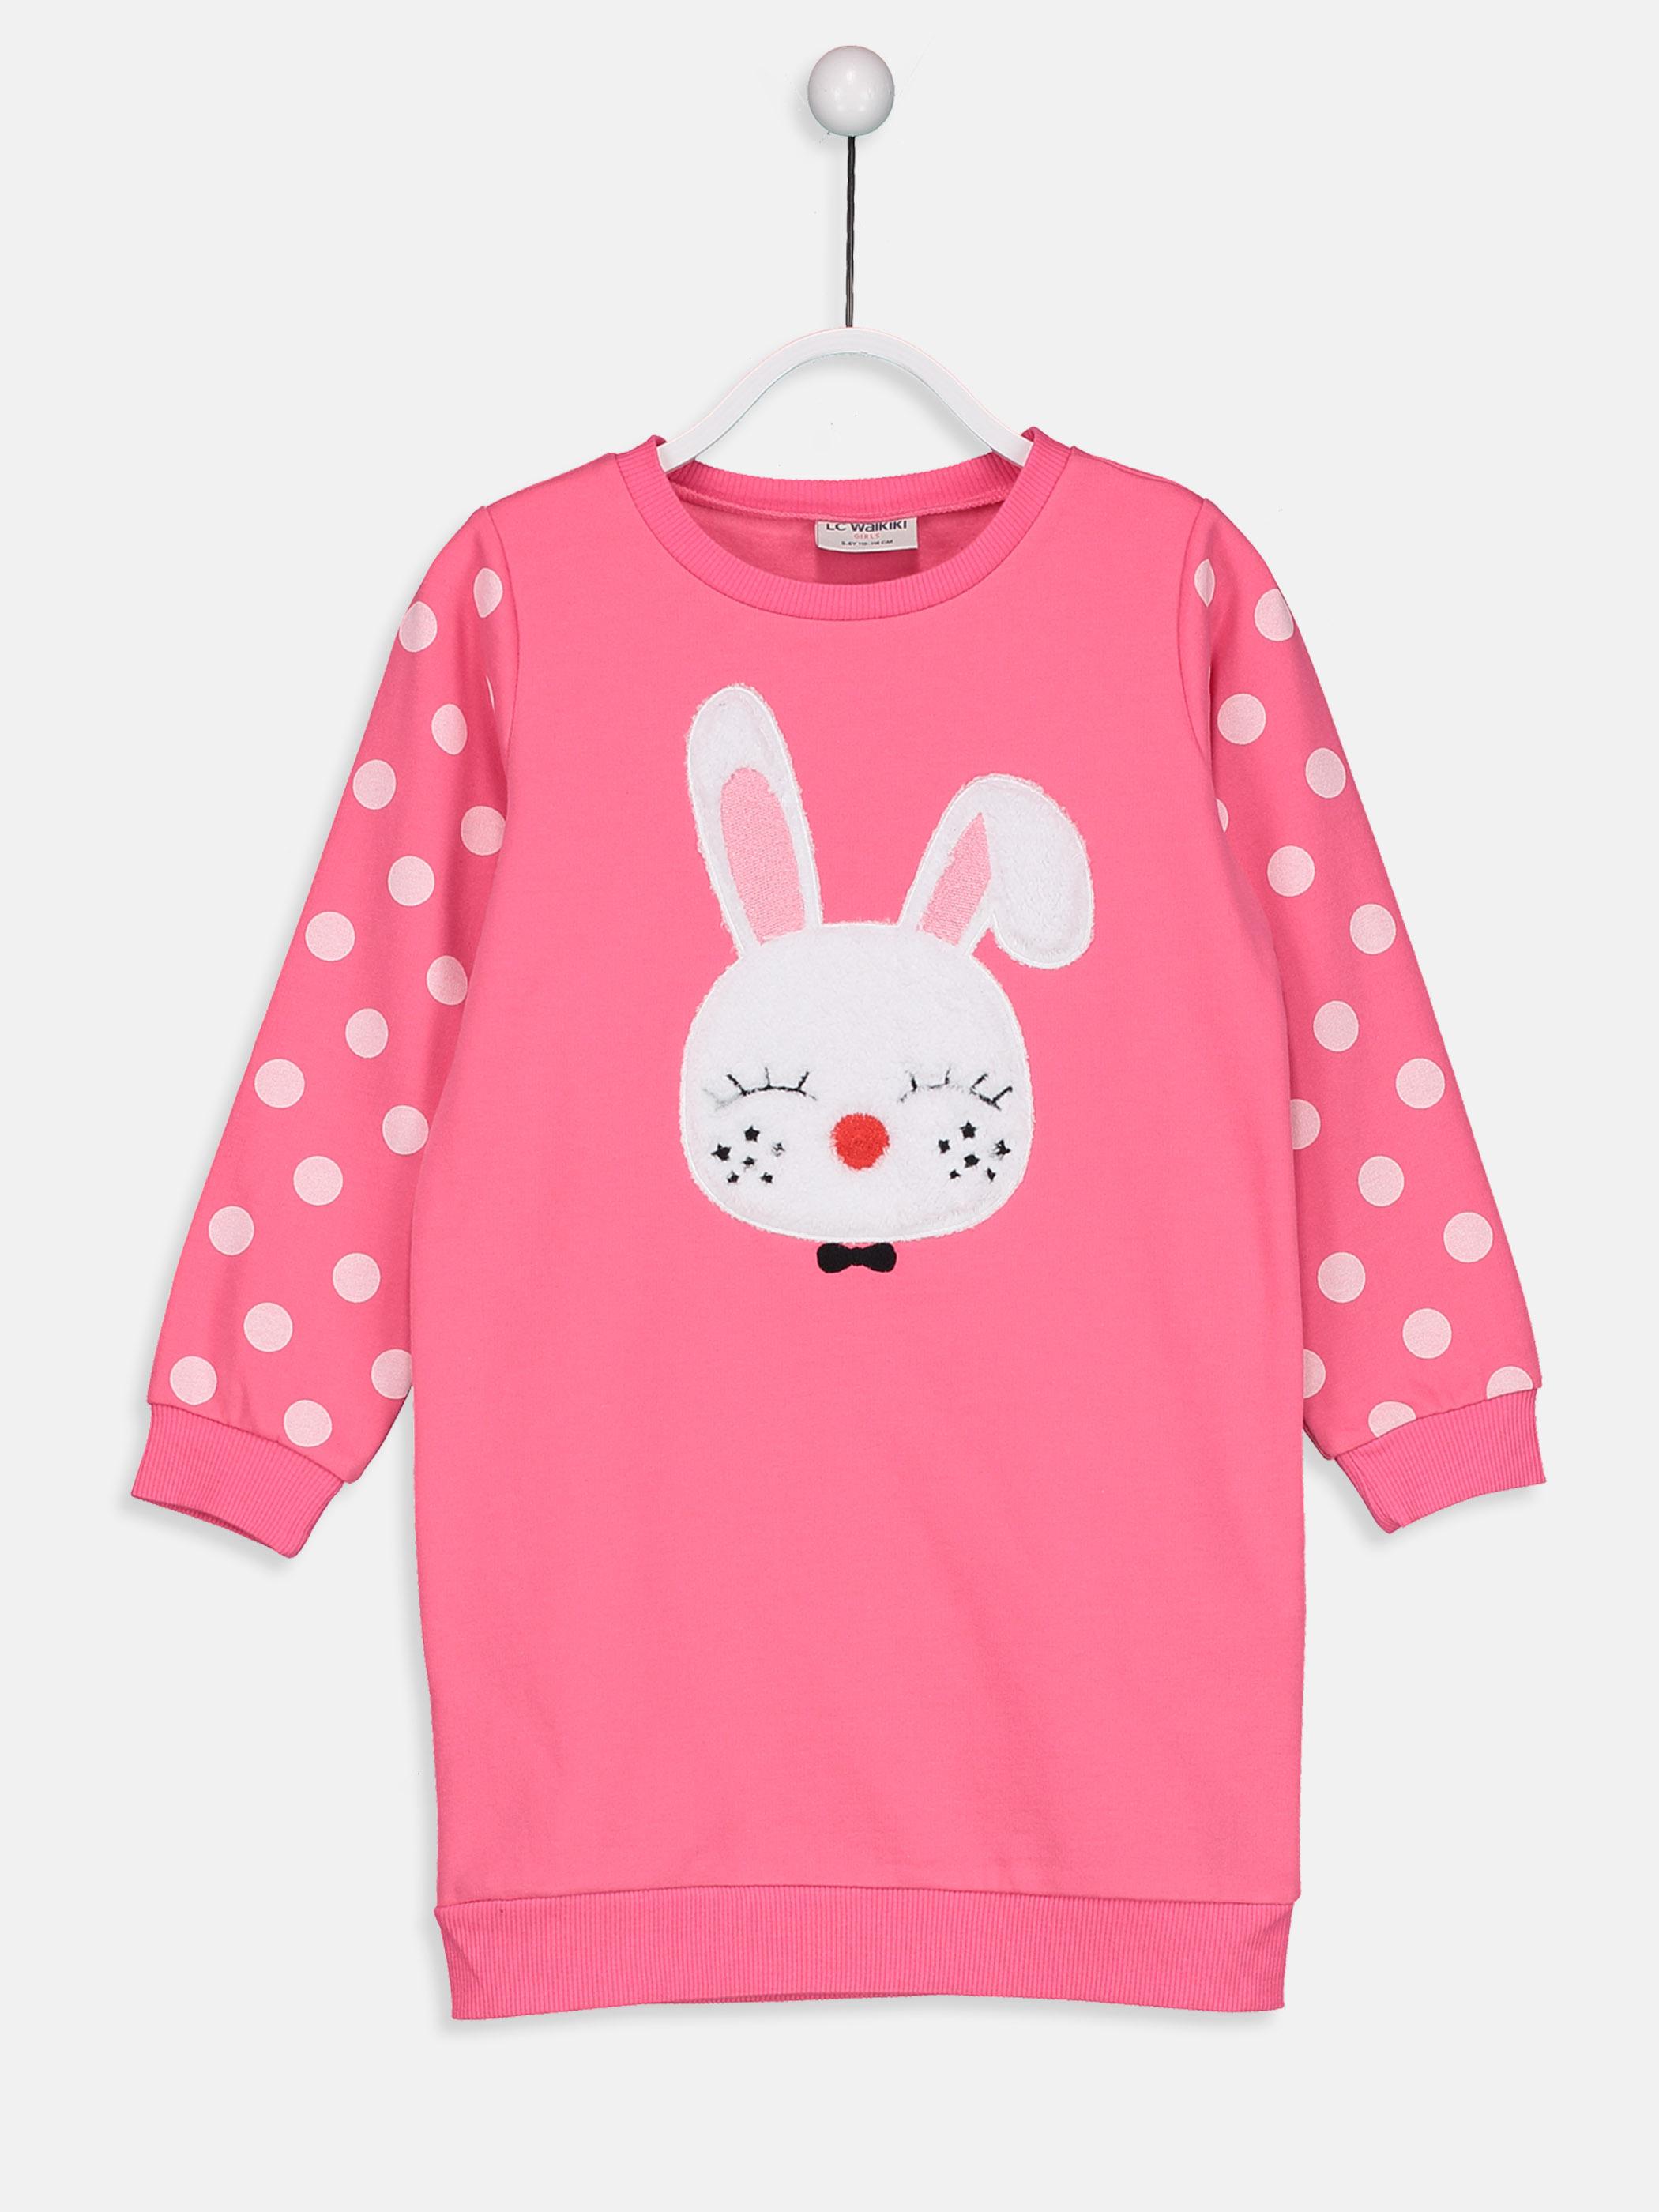 Kız Çocuk Aplike Detaylı Sweatshirt Elbise -8WG482Z4-GUZ